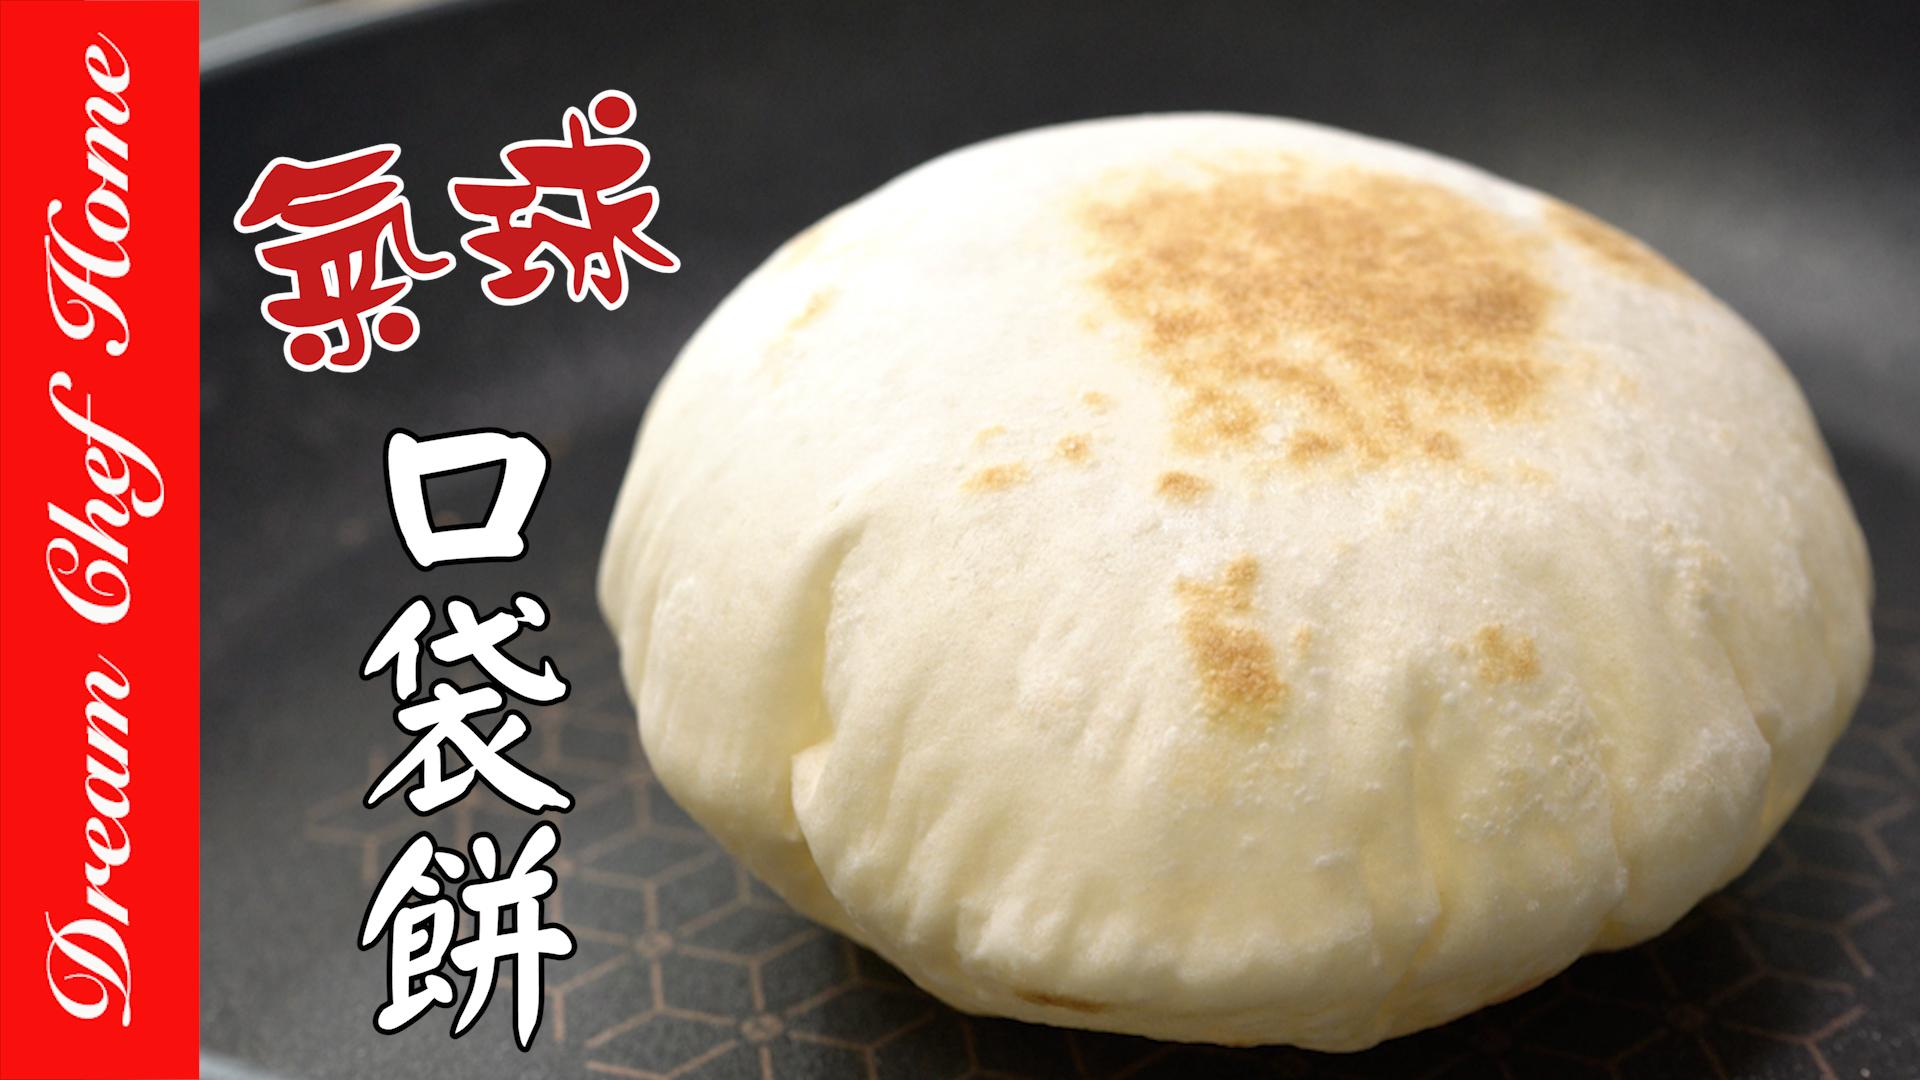 用平底鍋做氣球口袋餅的必勝秘訣!好治癒的過程pita bread免烤箱